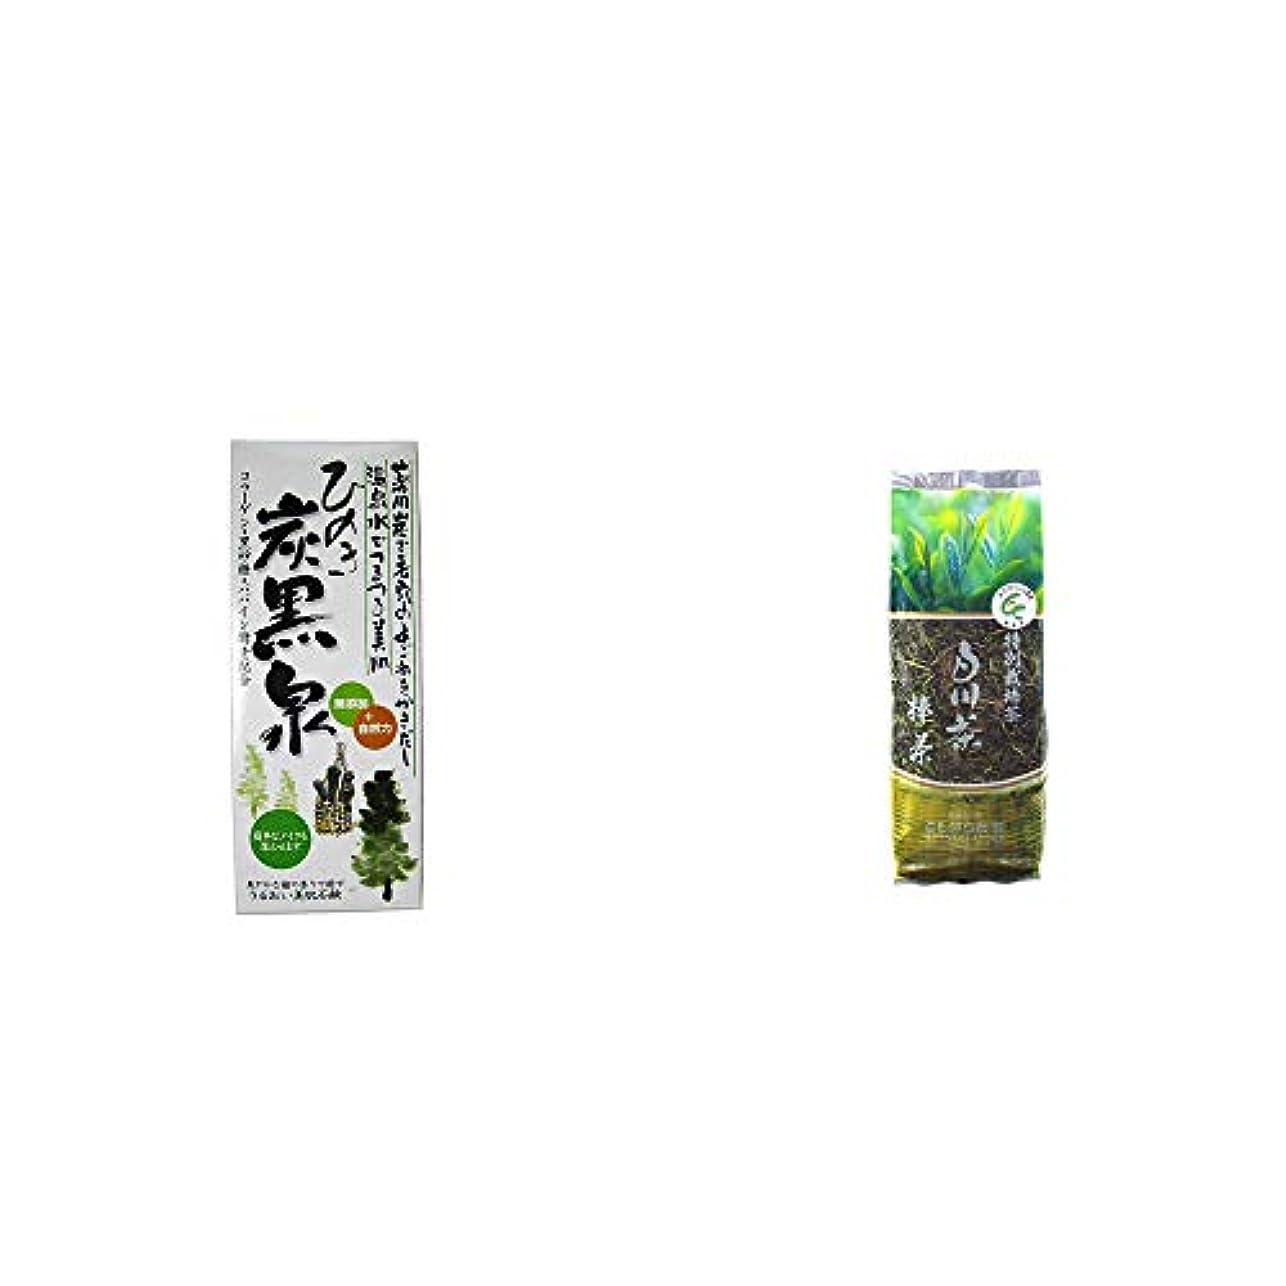 恐れ癒すマーチャンダイジング[2点セット] ひのき炭黒泉 箱入り(75g×3)?白川茶 特別栽培茶【棒茶】(150g)